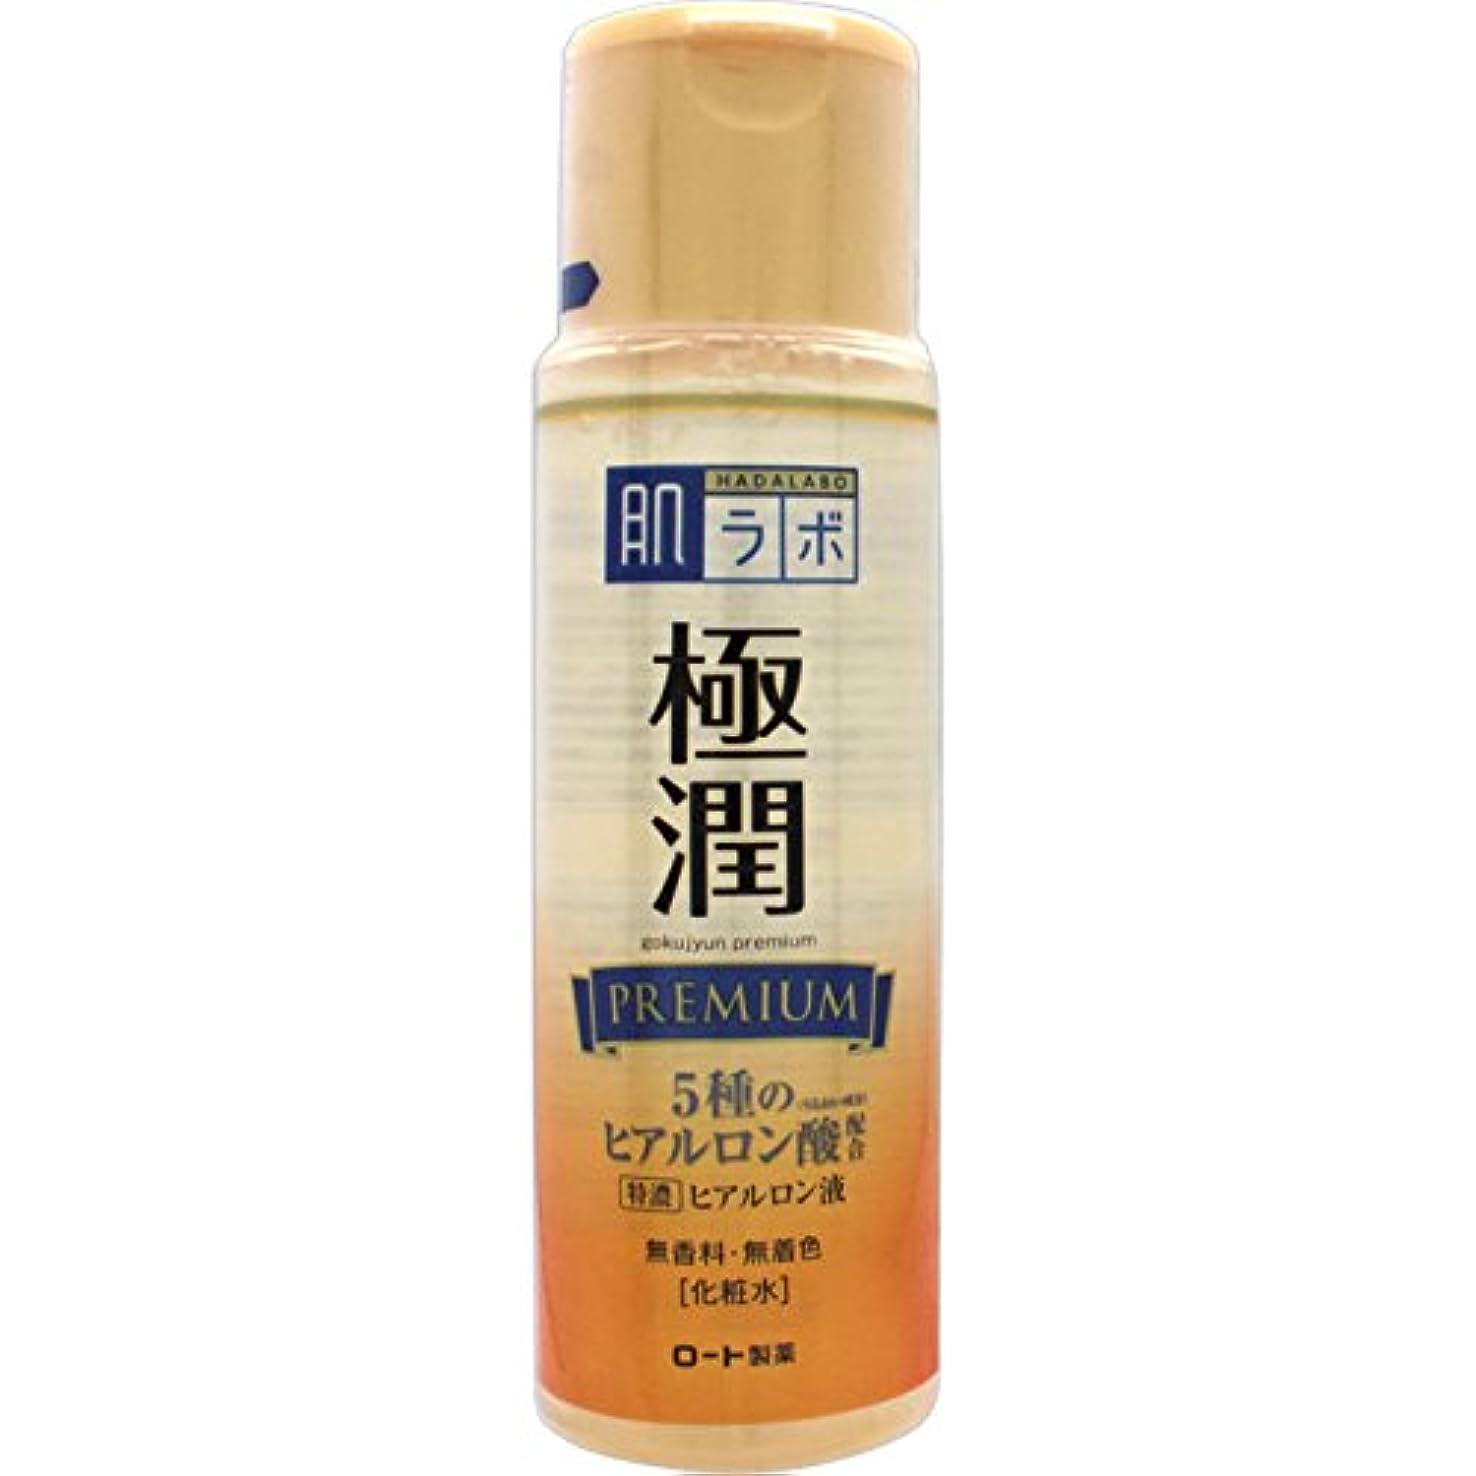 賭けカポック天国肌ラボ 極潤プレミアム 特濃ヒアルロン酸 化粧水 ヒアルロン酸5種類×サクラン配合 170mL